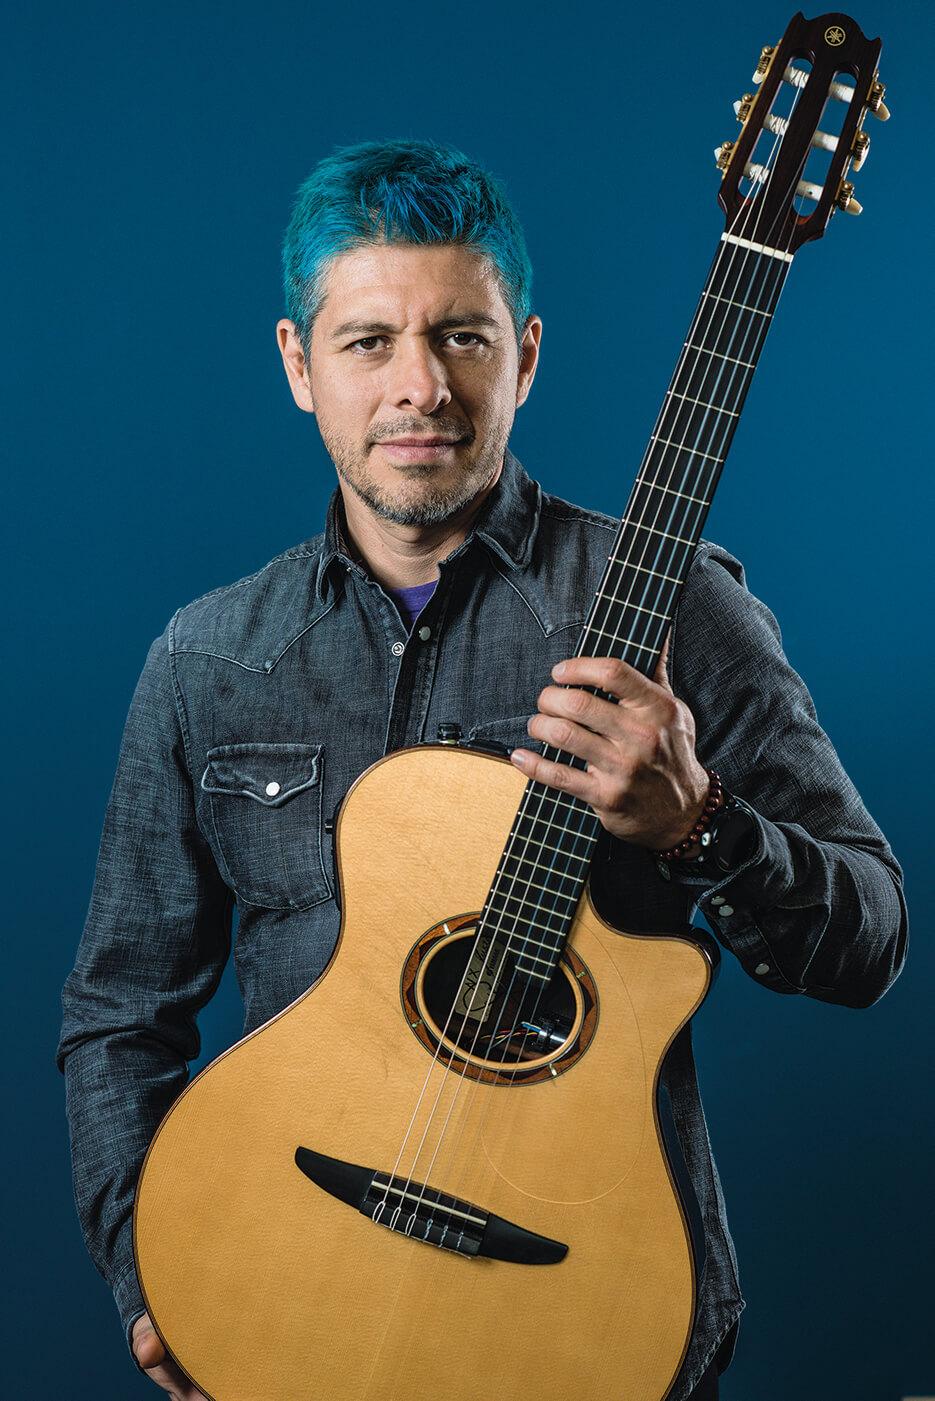 Rodrigo y Gabriela Rodrigo with guitar